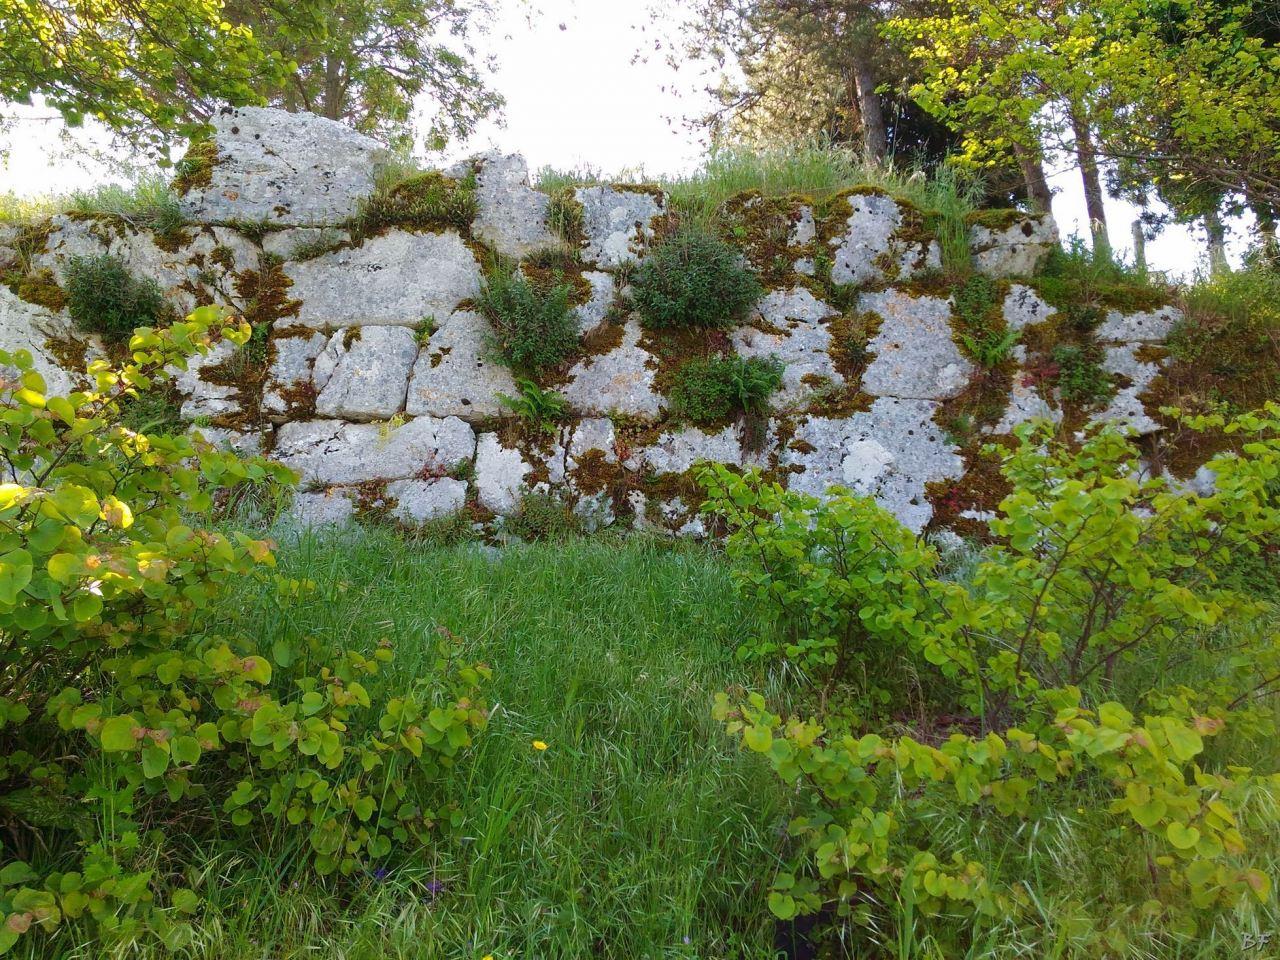 Signia-Mura-Poligonali-Megalitiche-Segni-Roma-Lazio-Italia-2